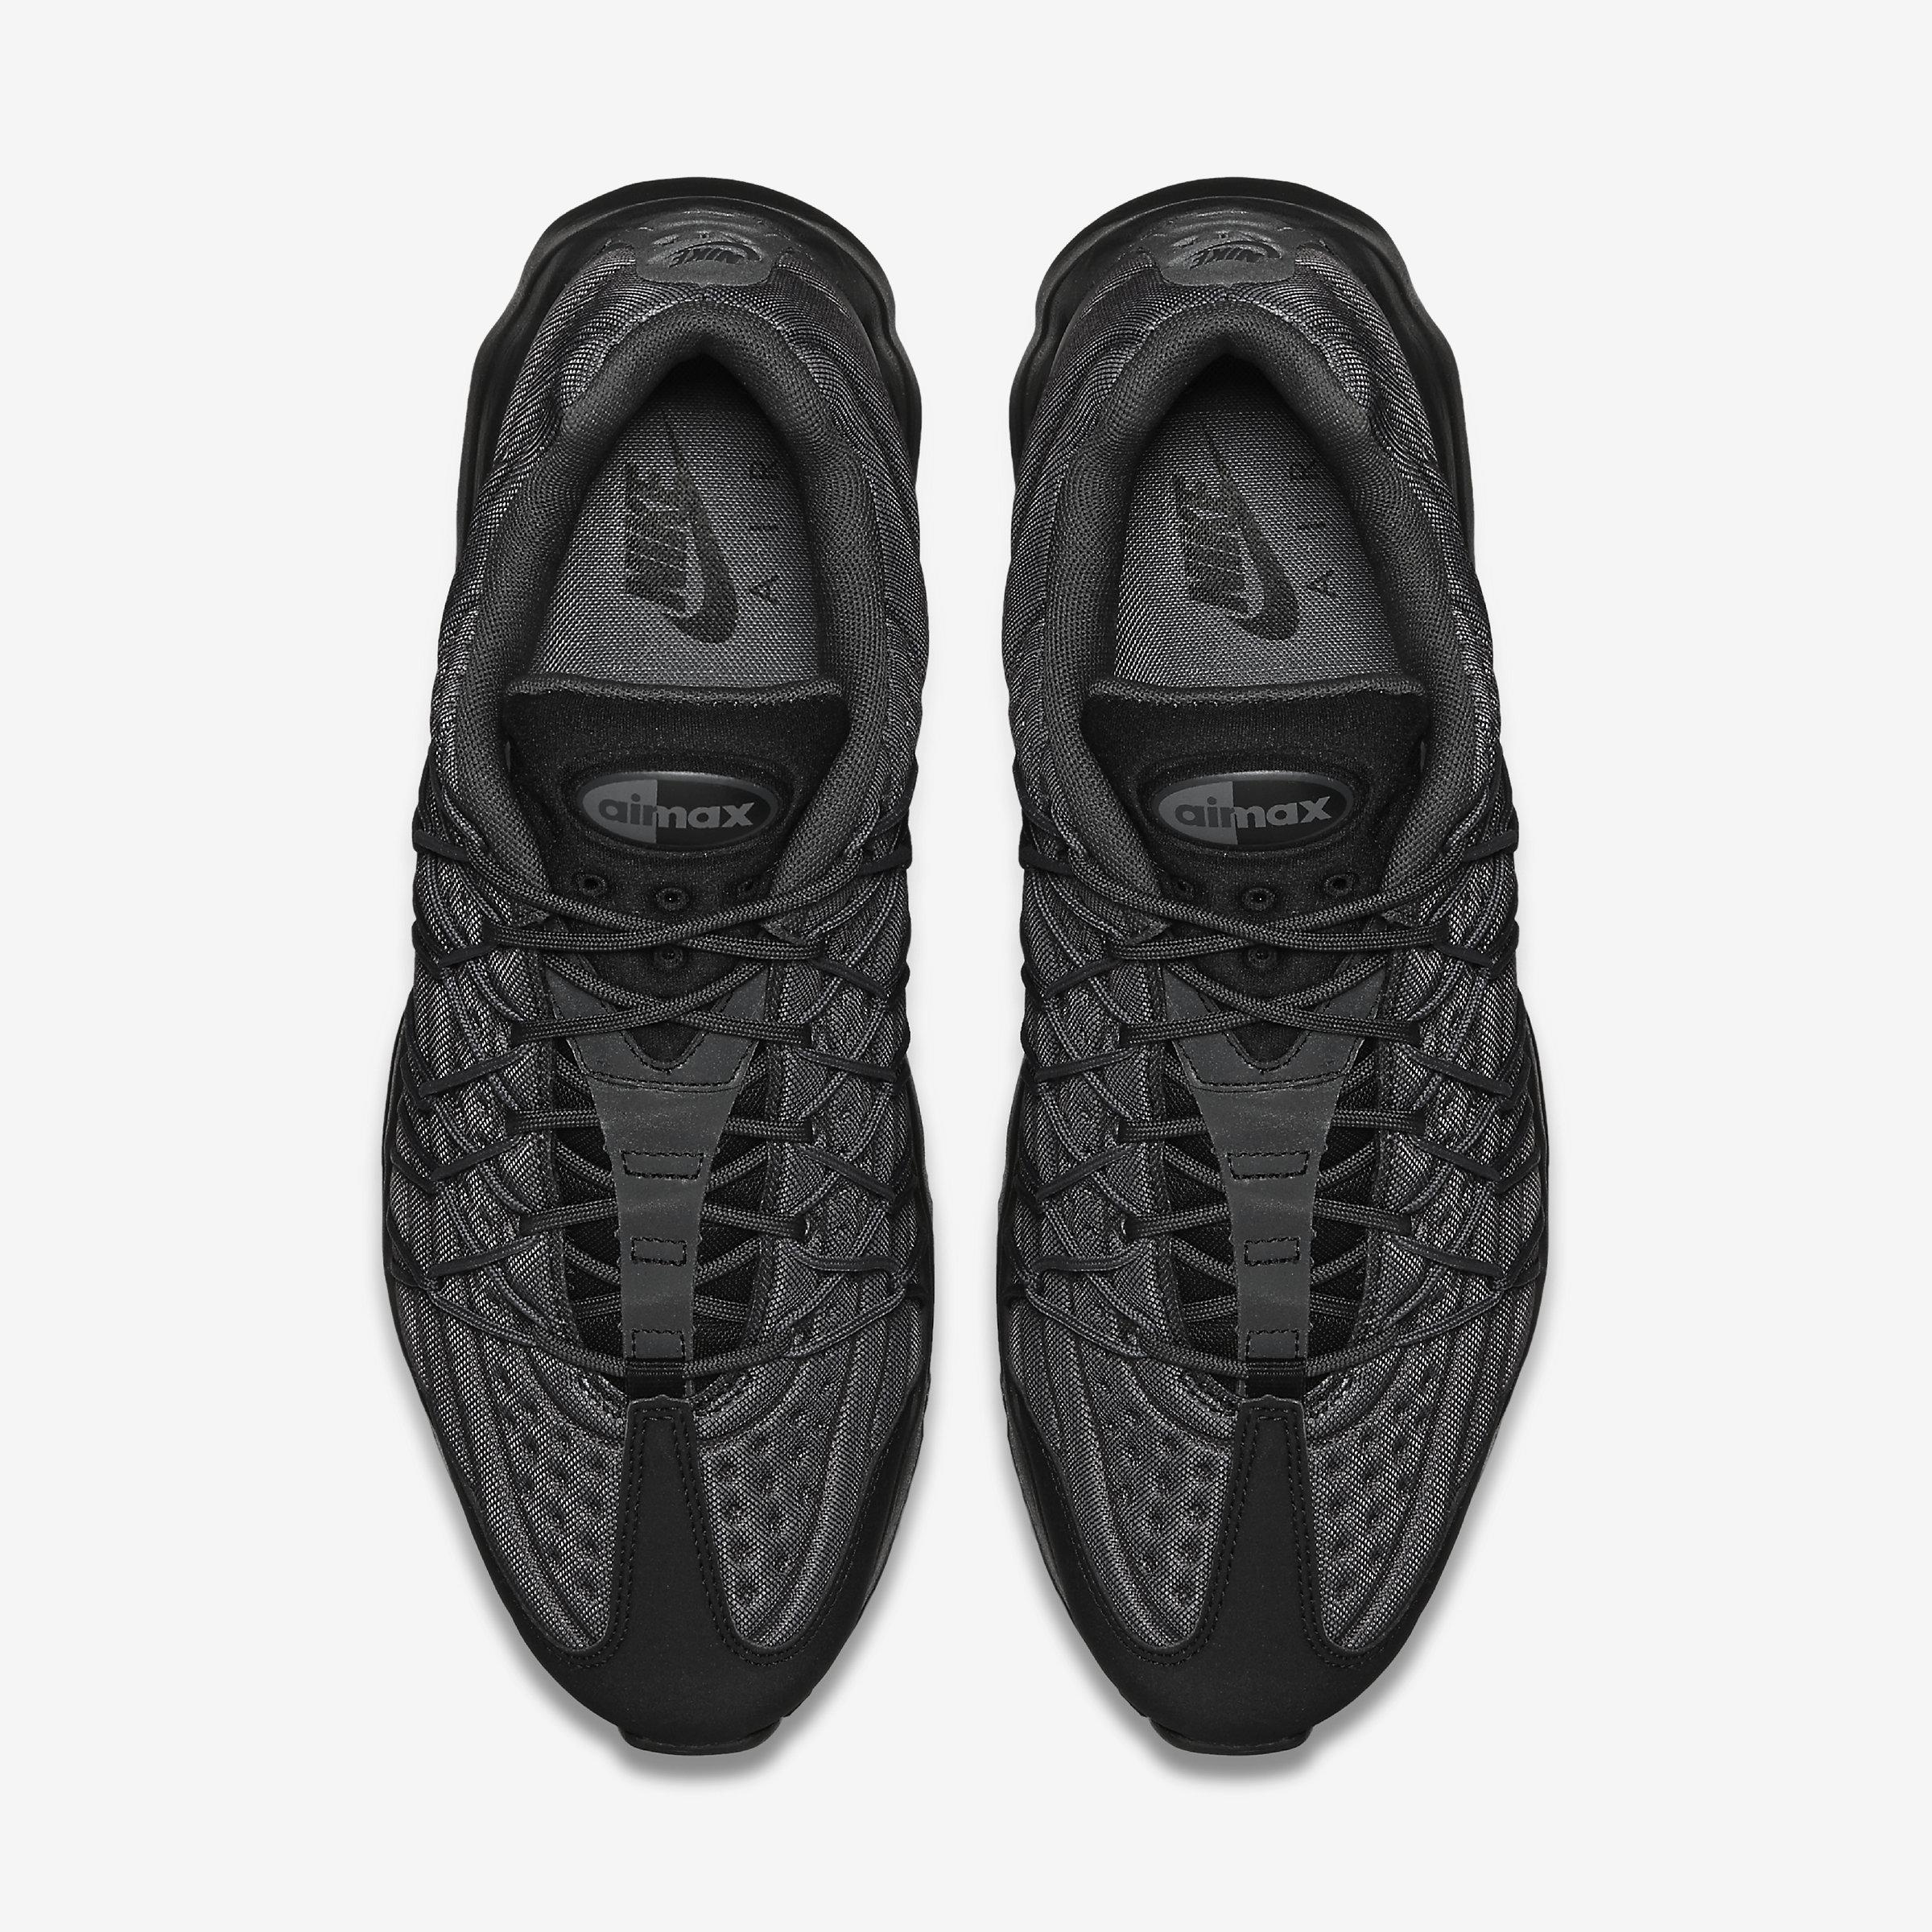 Nike Rubber Air Max 95 Ultra Se in Black,Black,Anthracite,Dark Grey (Black) for Men